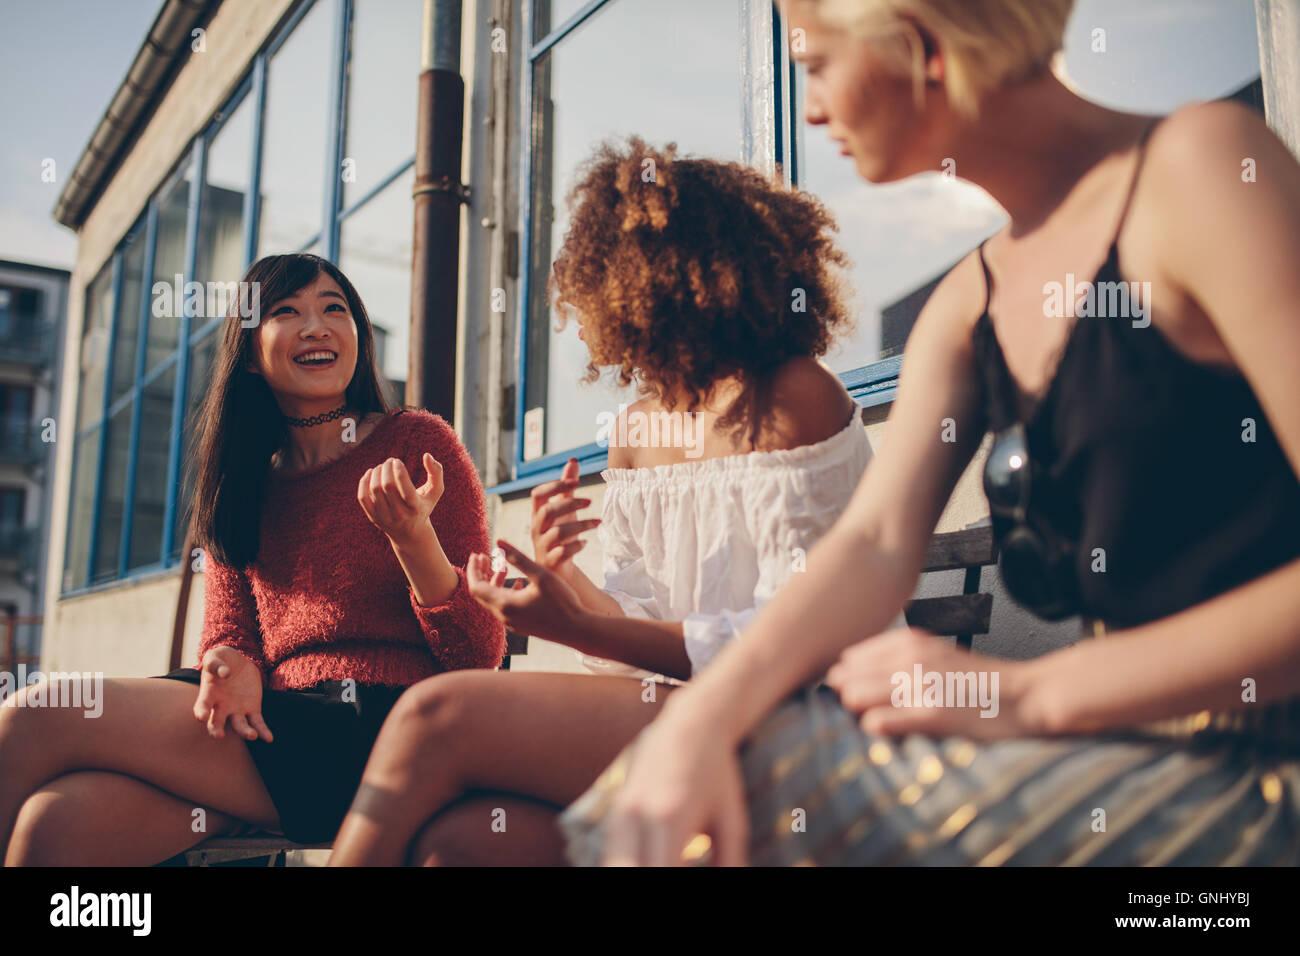 Gruppo multietnico femminile di amici seduti all'aperto e parlare. Giovani donne seduti in balcone. Immagini Stock